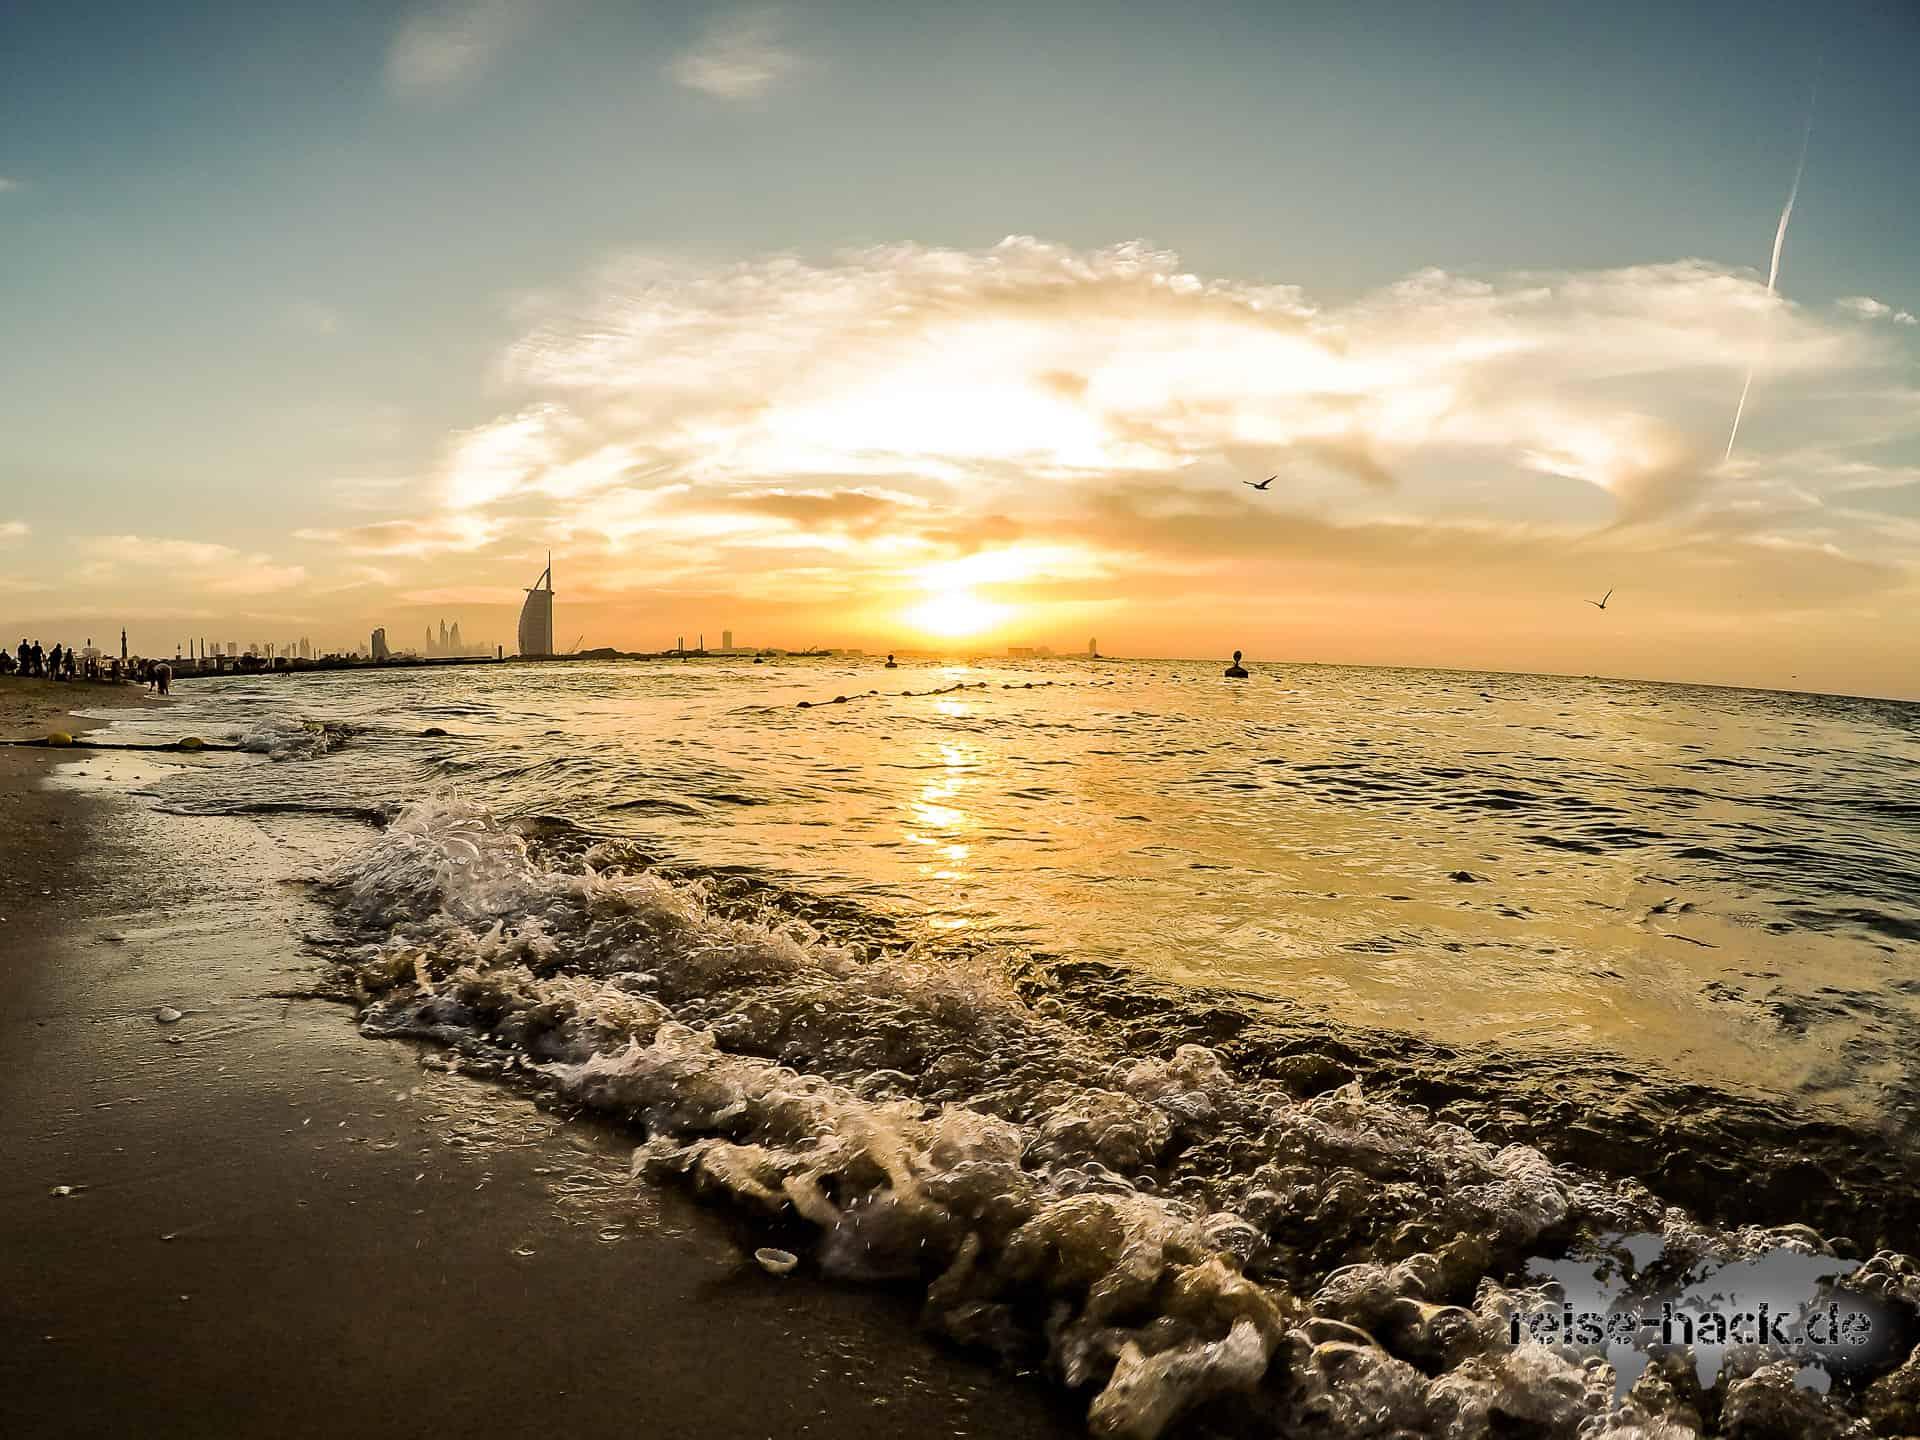 kite beach 2 dubai